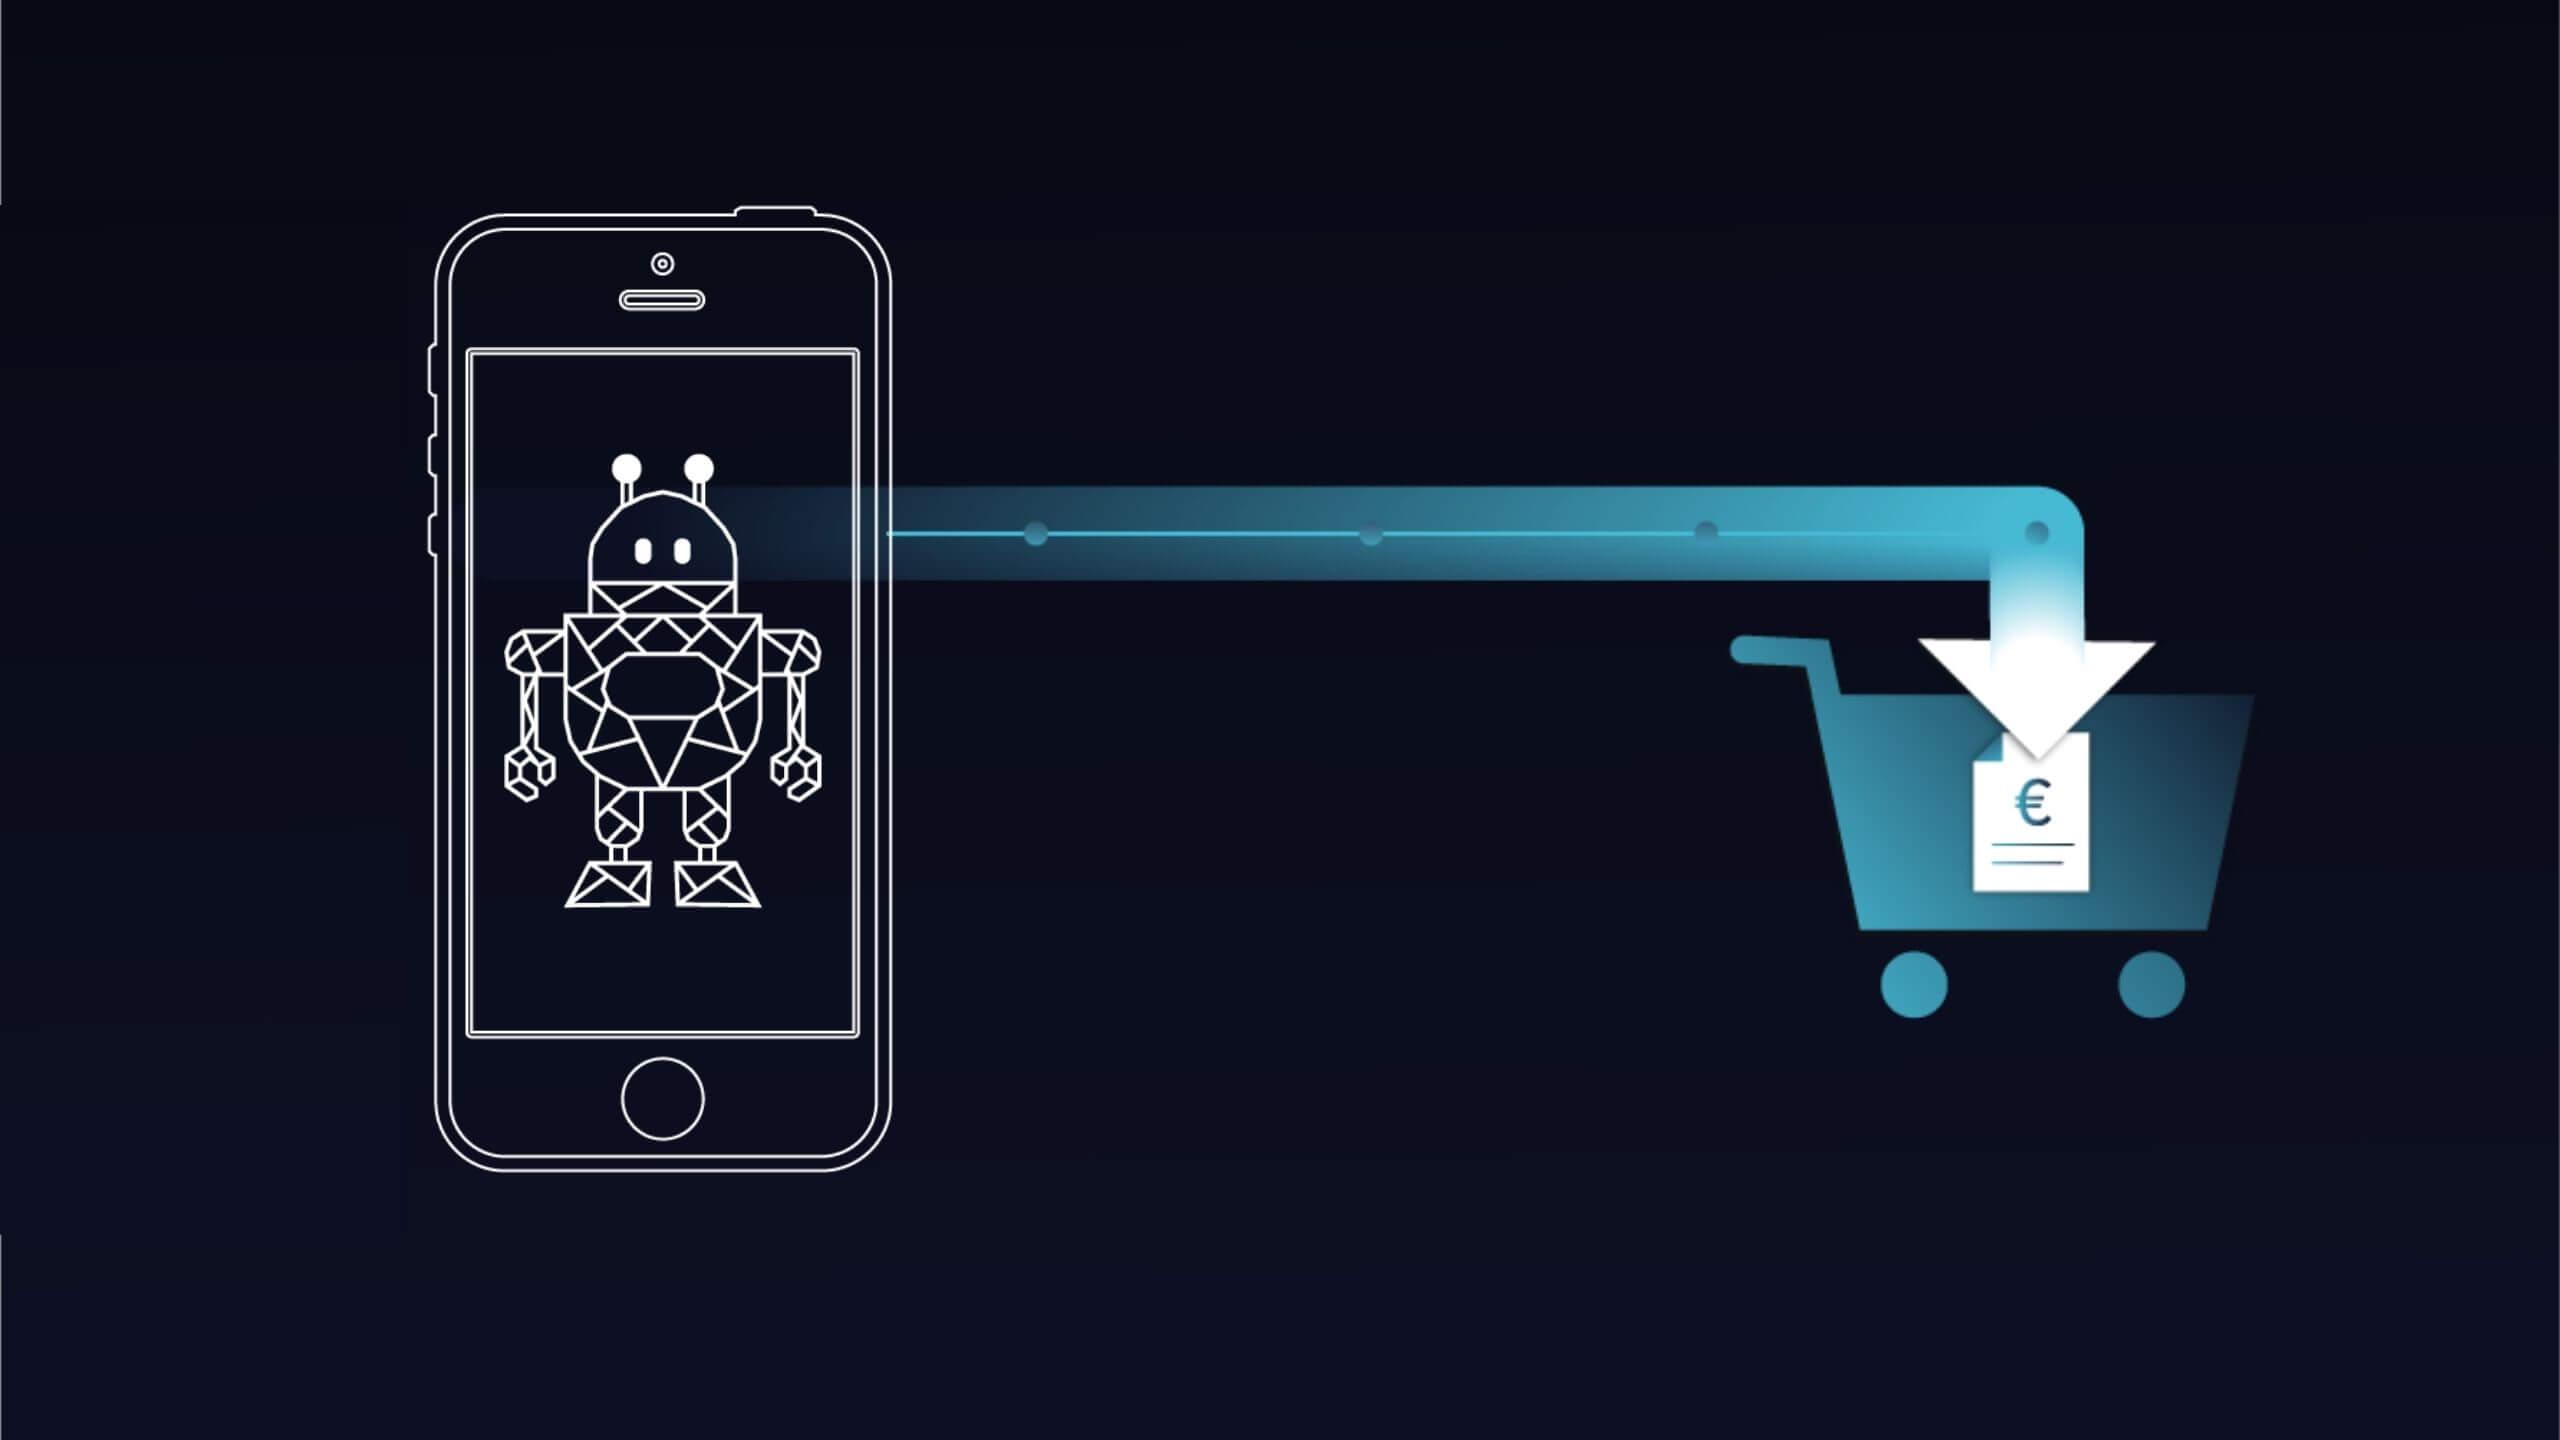 Anwendungsbeispiele für Chatbots in Einkauf und Beschaffung